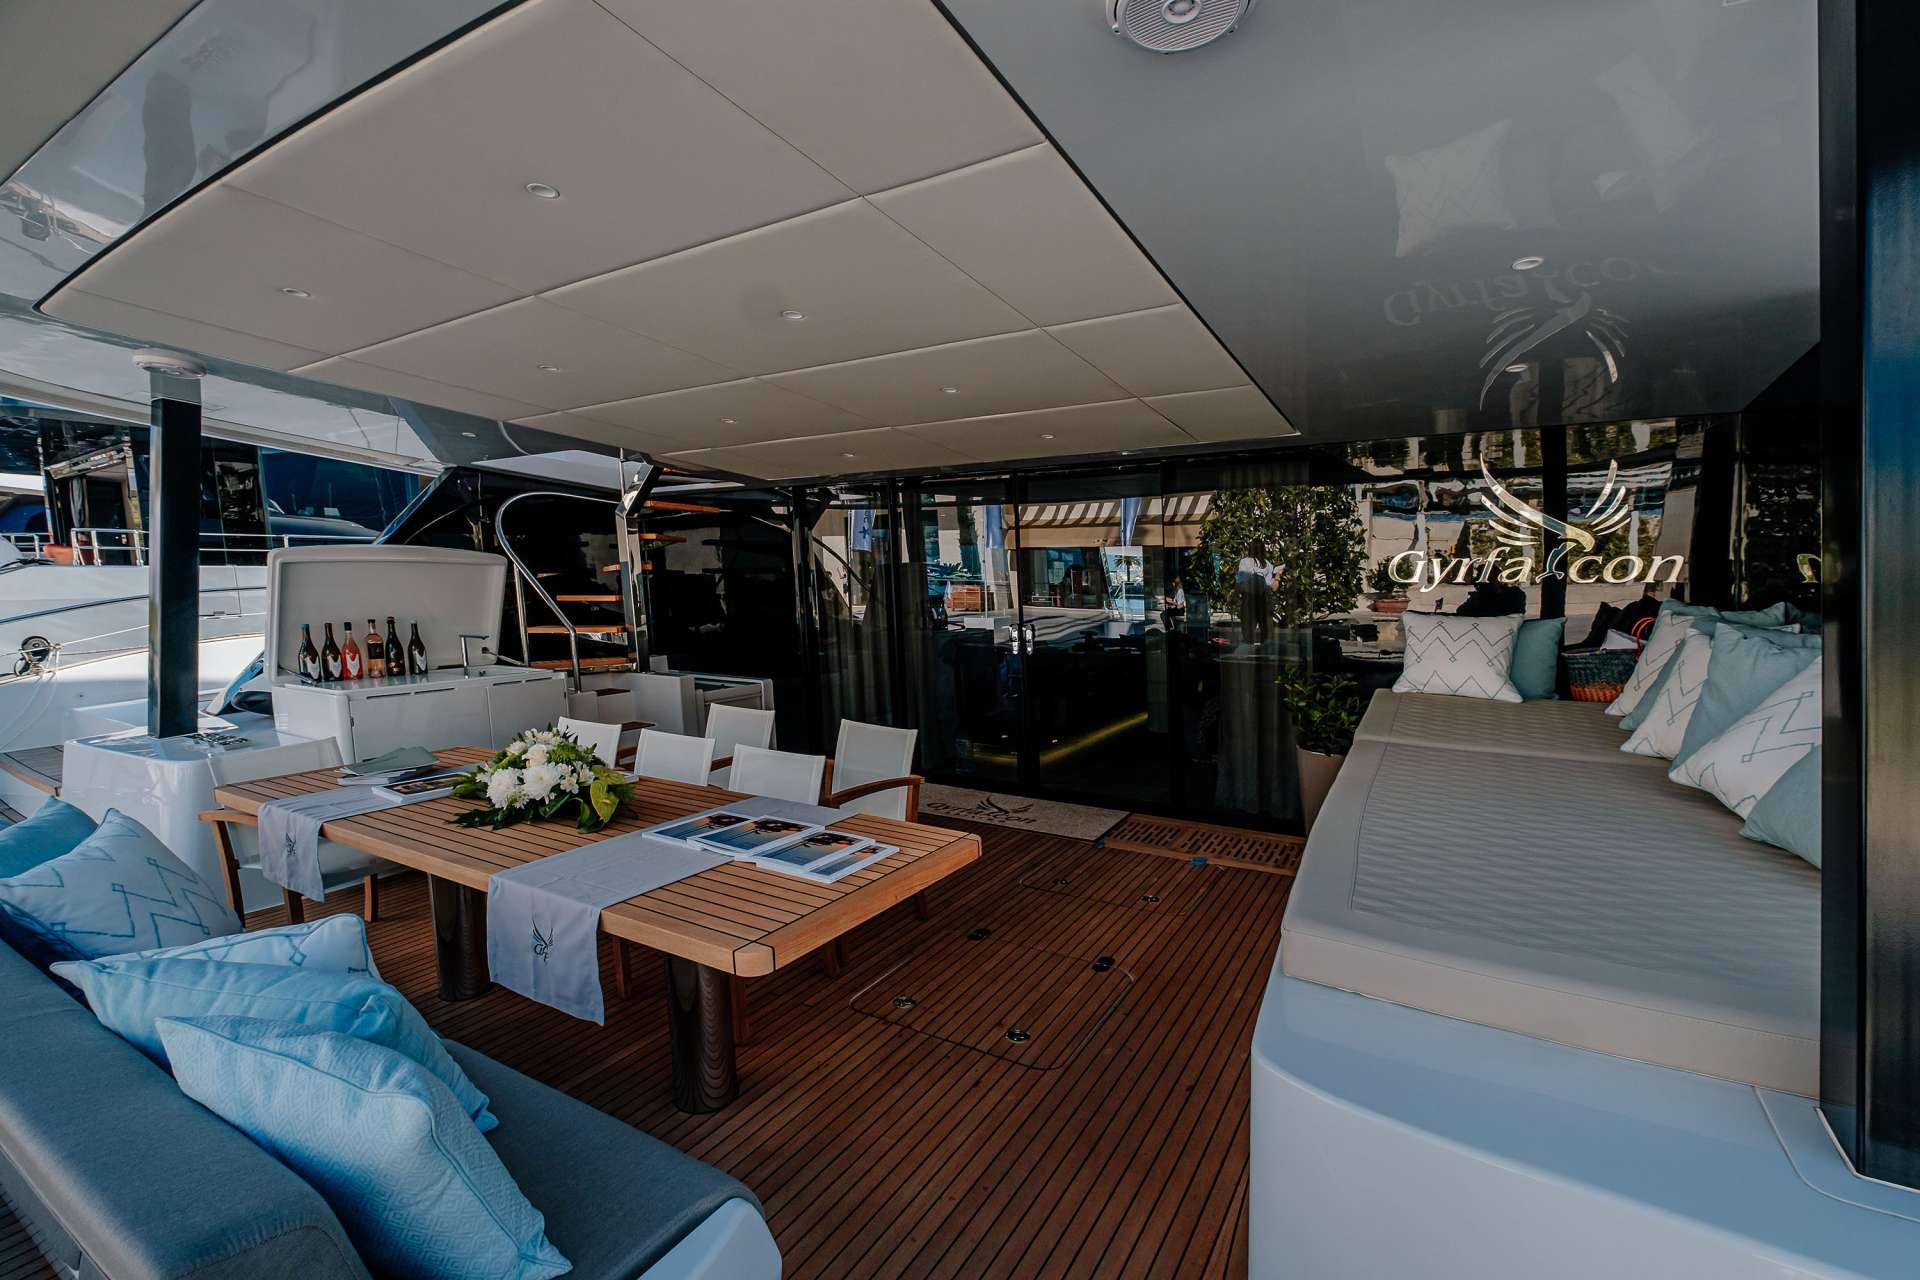 Catamaran Charter Gyrfalcon